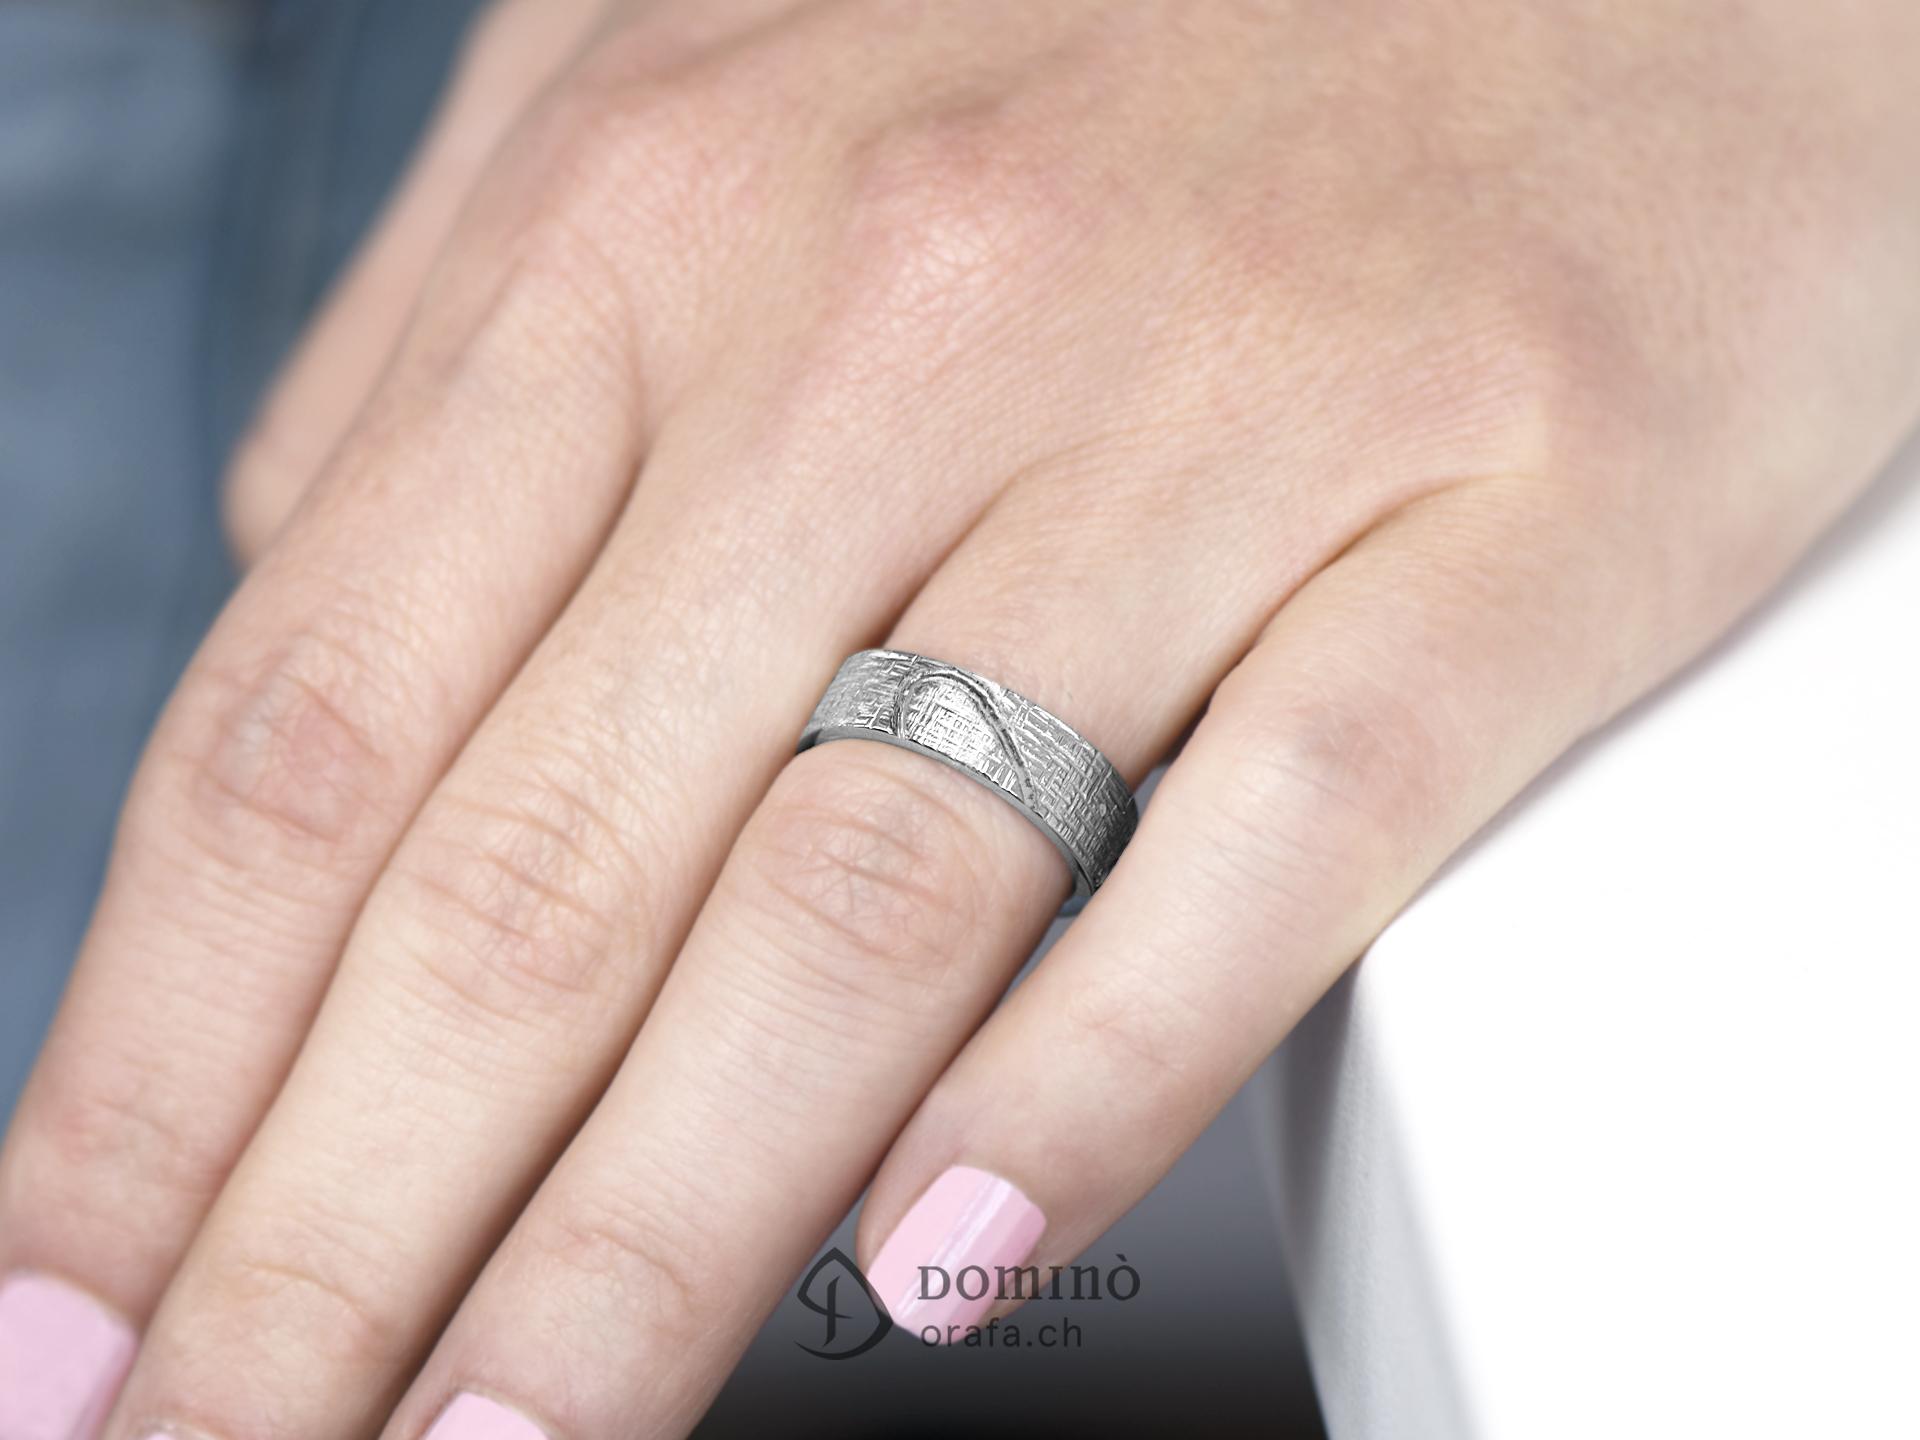 fedi-nuziali-linee-incrociate-contorno-cuore-diamanti-incisione-2